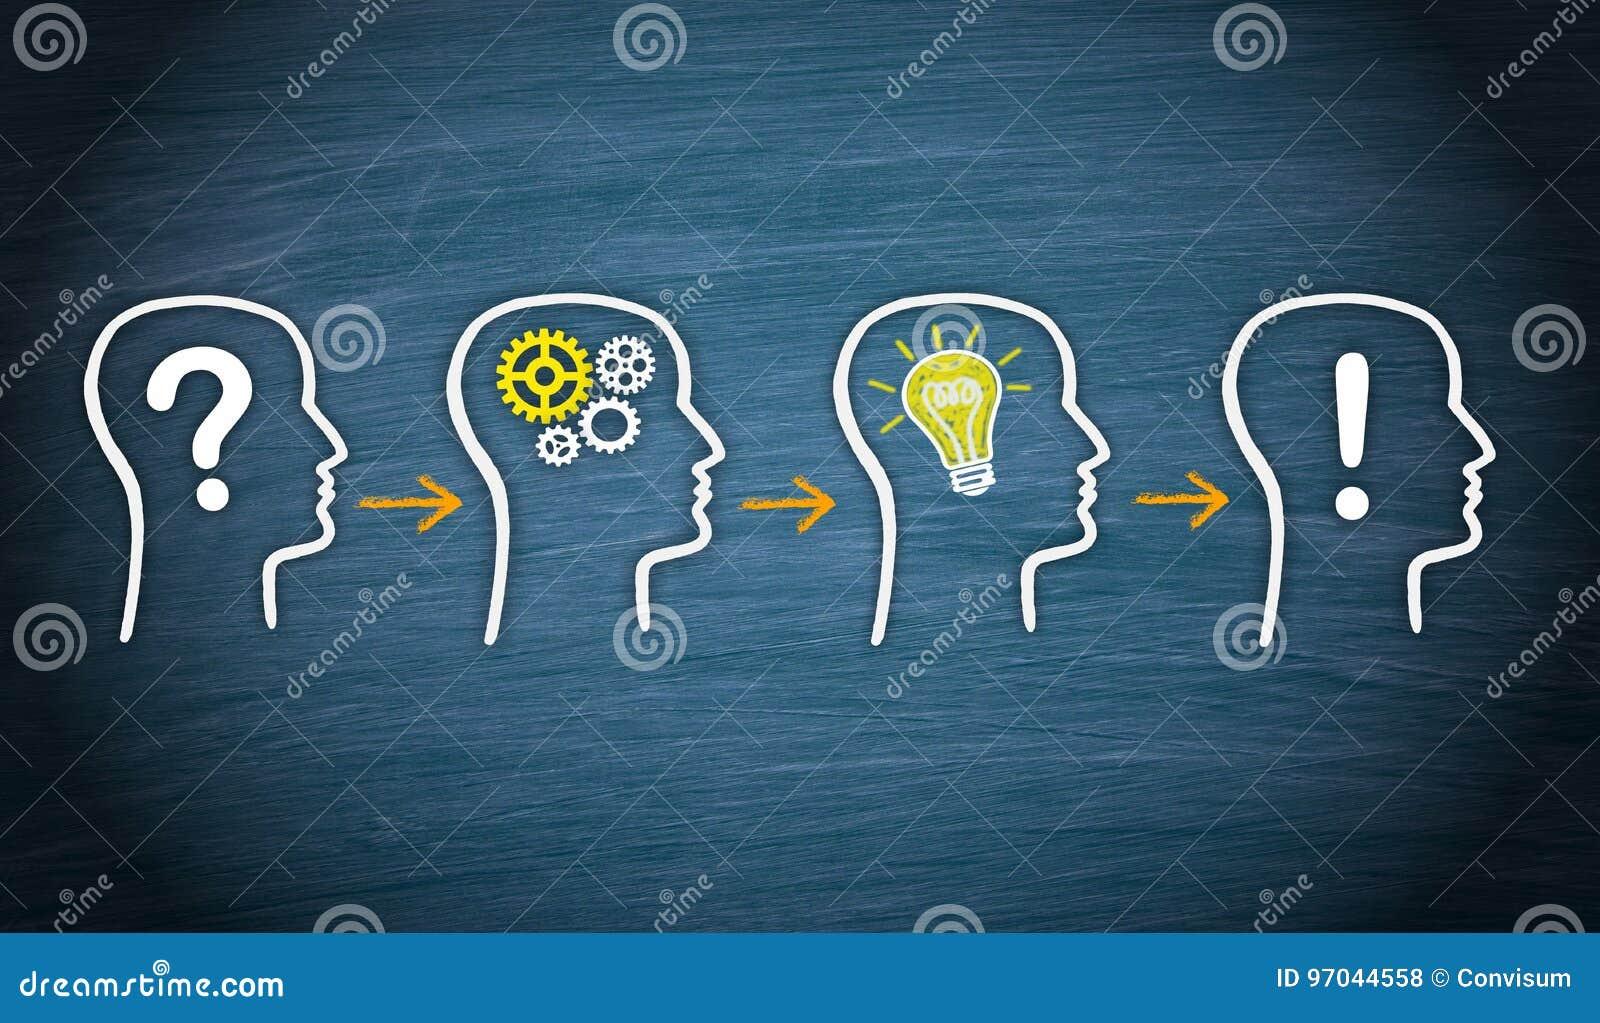 Problem funderare, idé, lösning - affärsidé